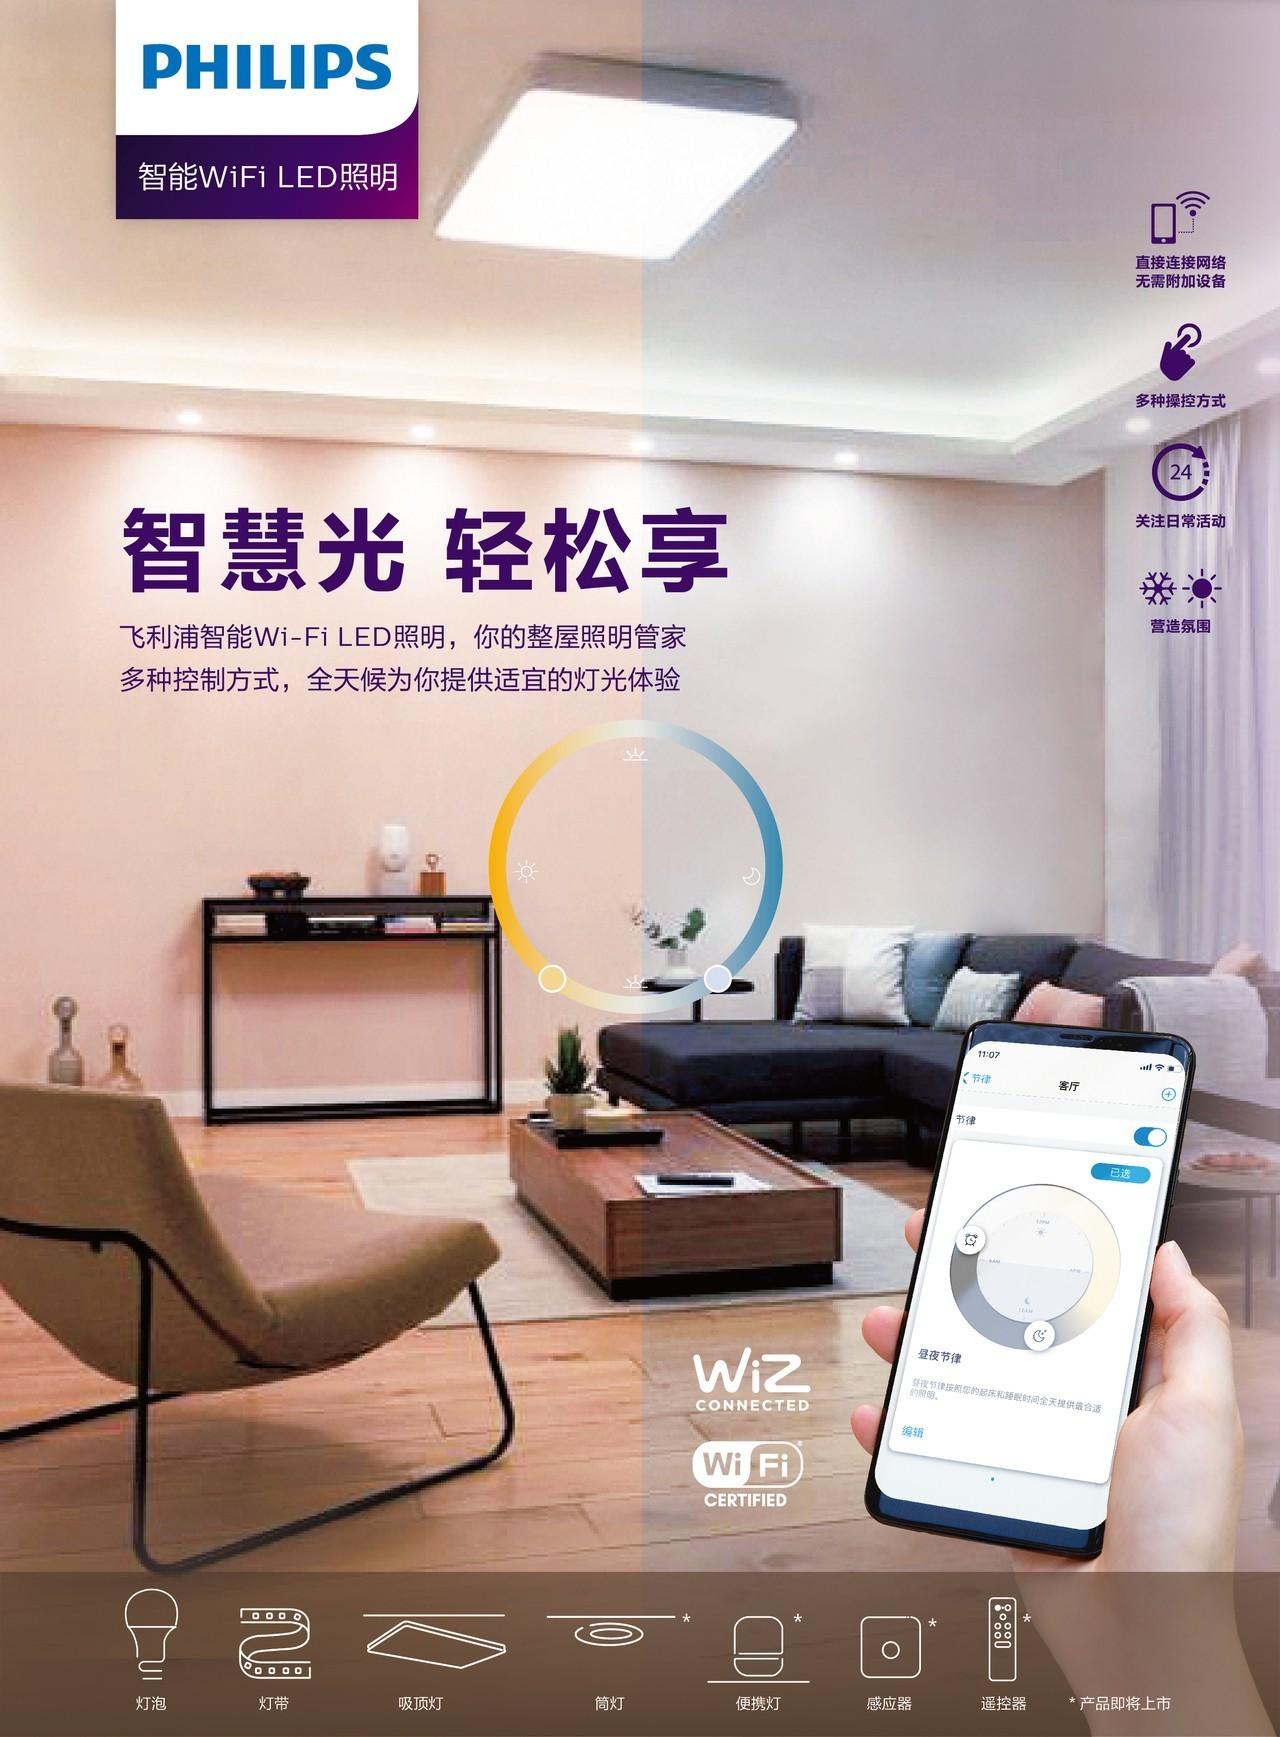 全新飞利浦智能WiFi LED照明系列.jpg